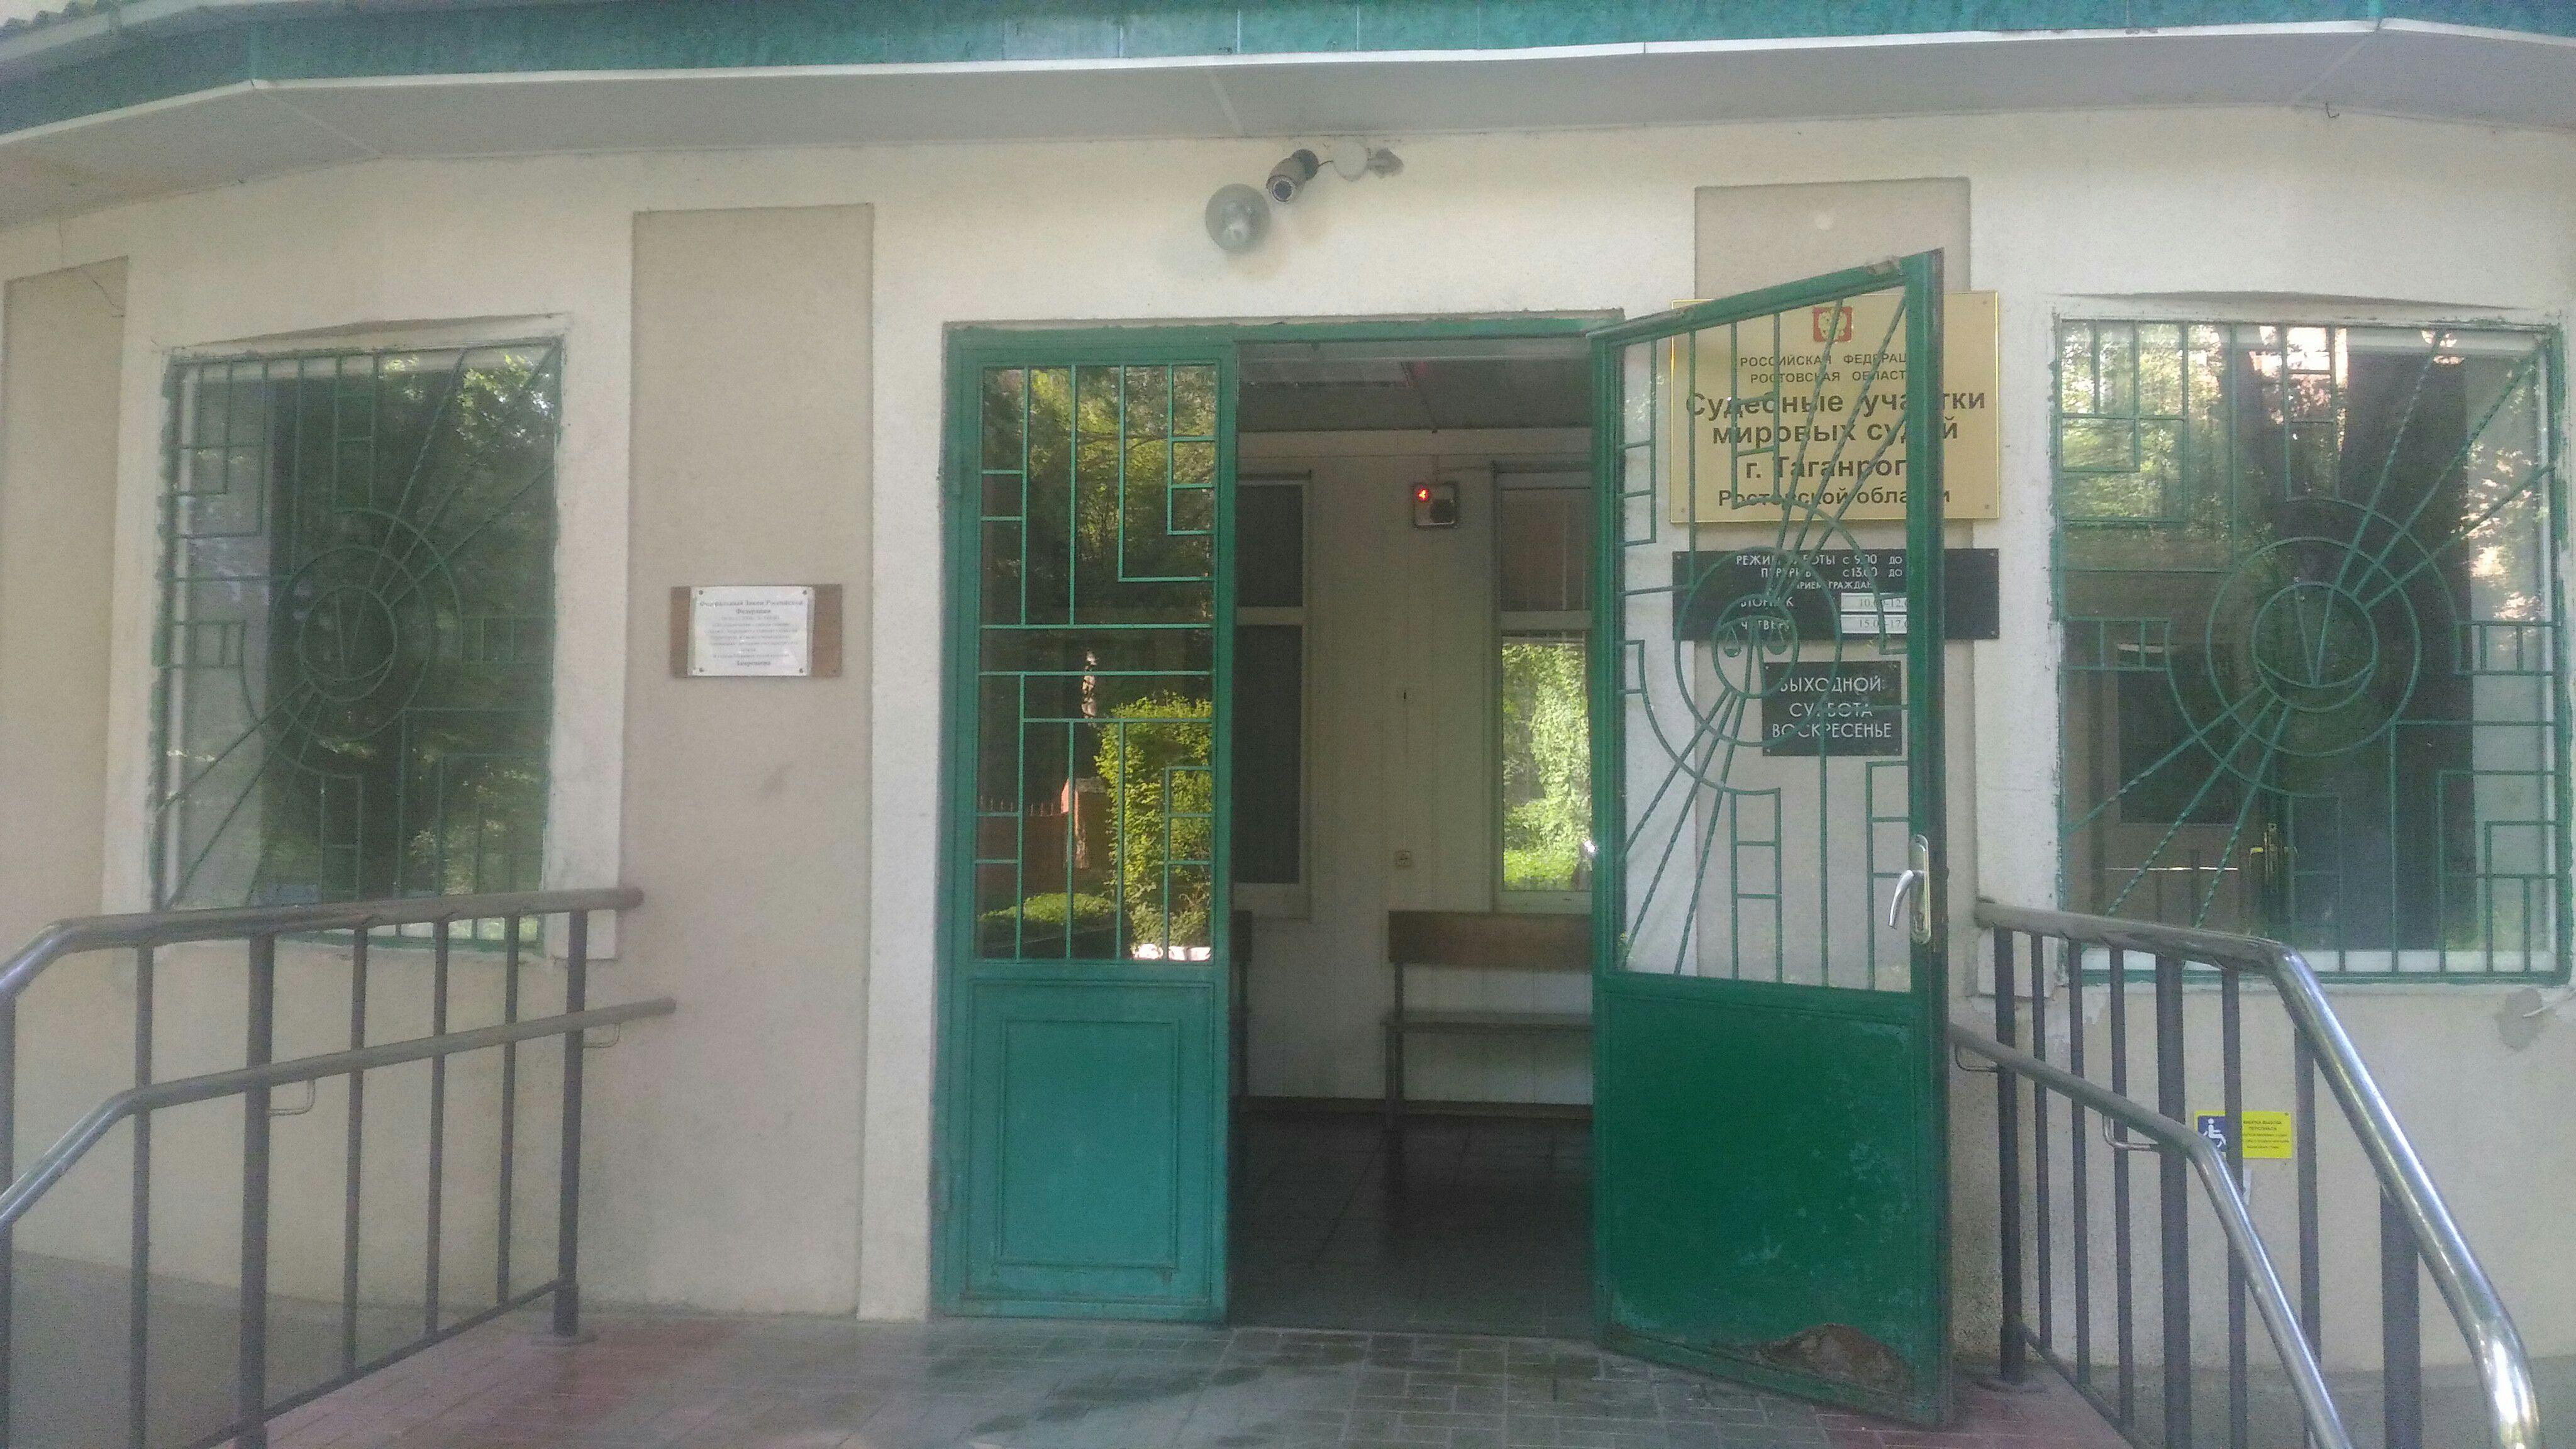 Мировой суд судебный участок 7 старый оскол